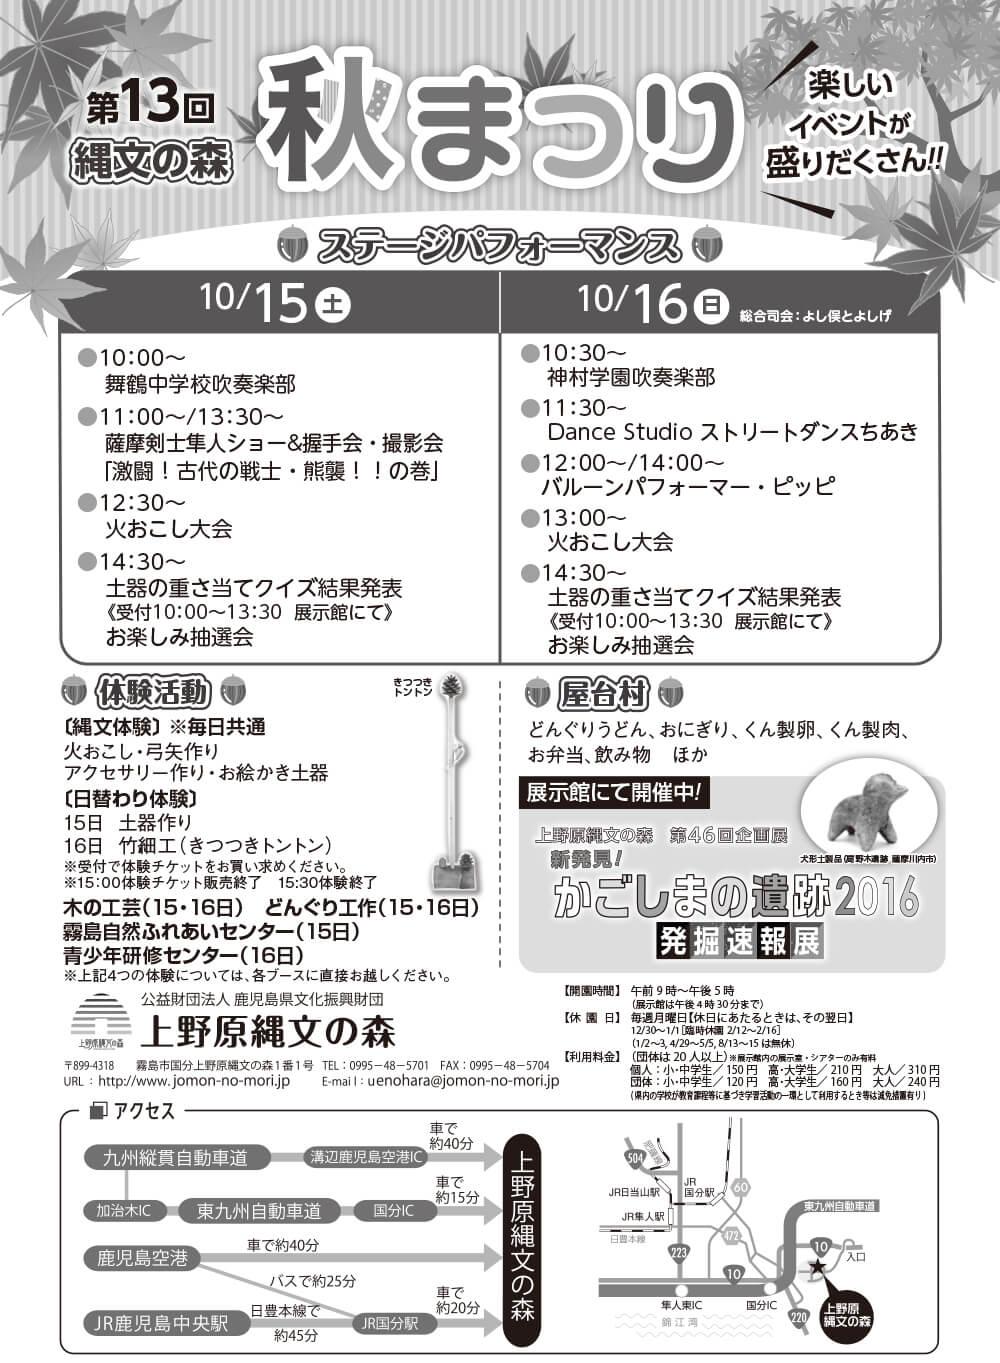 第13回縄文の森秋まつりのお知らせ